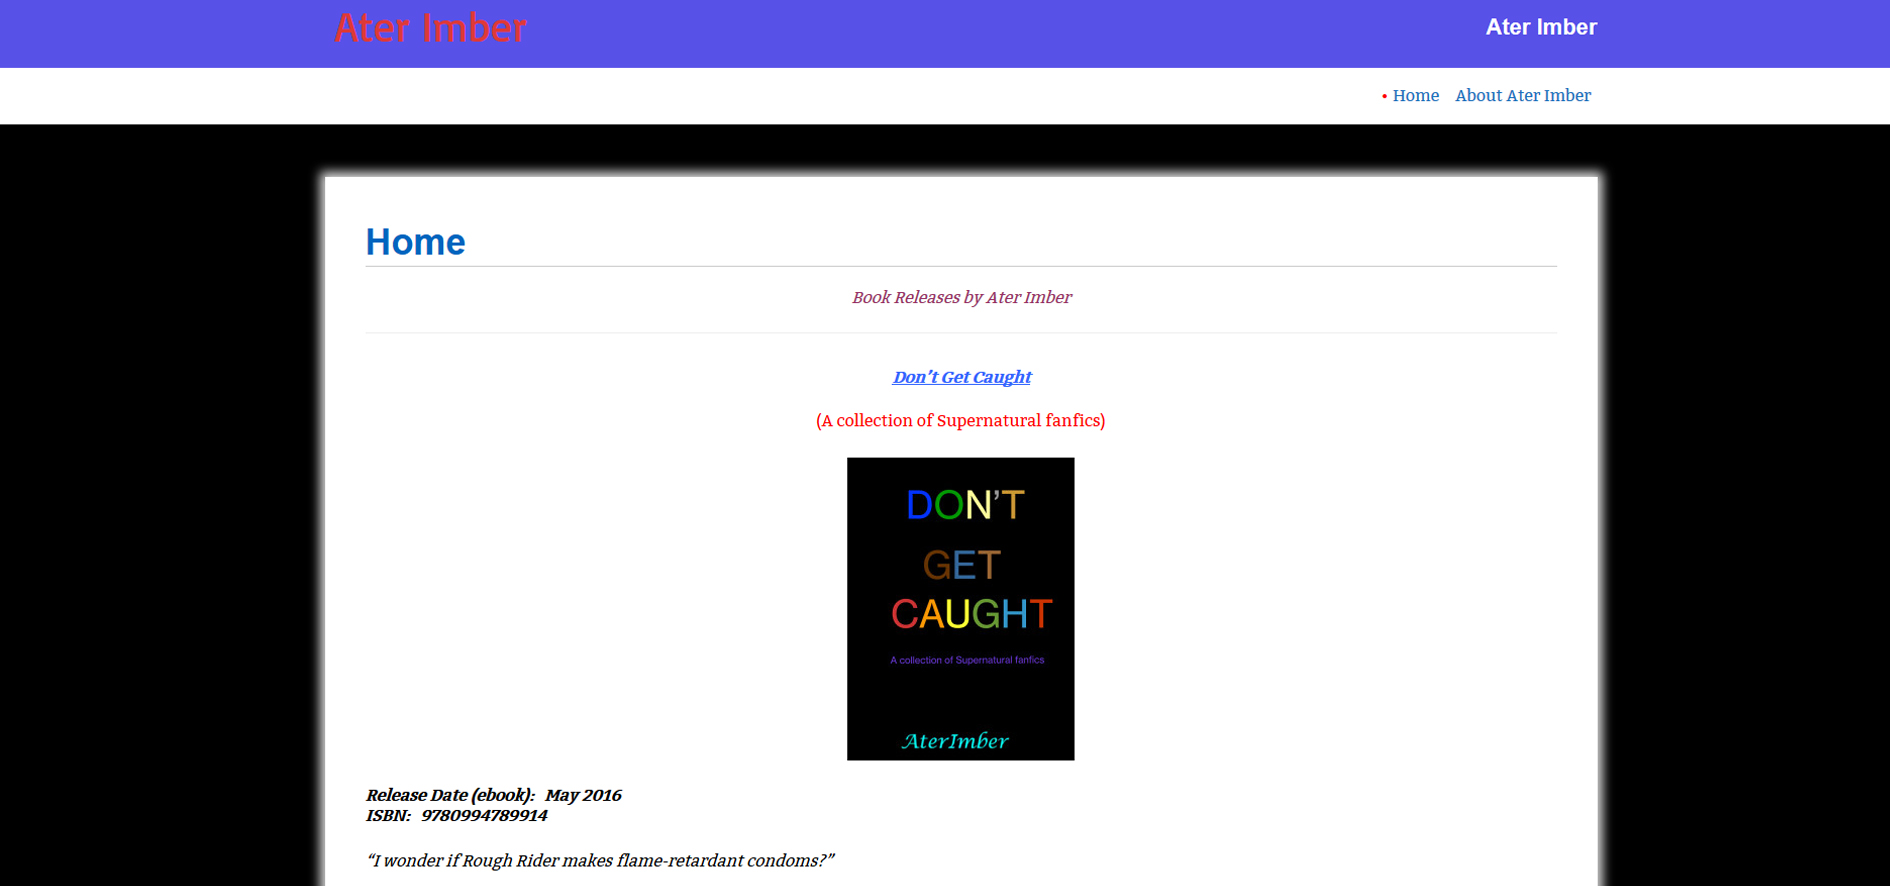 AterImber.com - Bloggy - Original Website Design